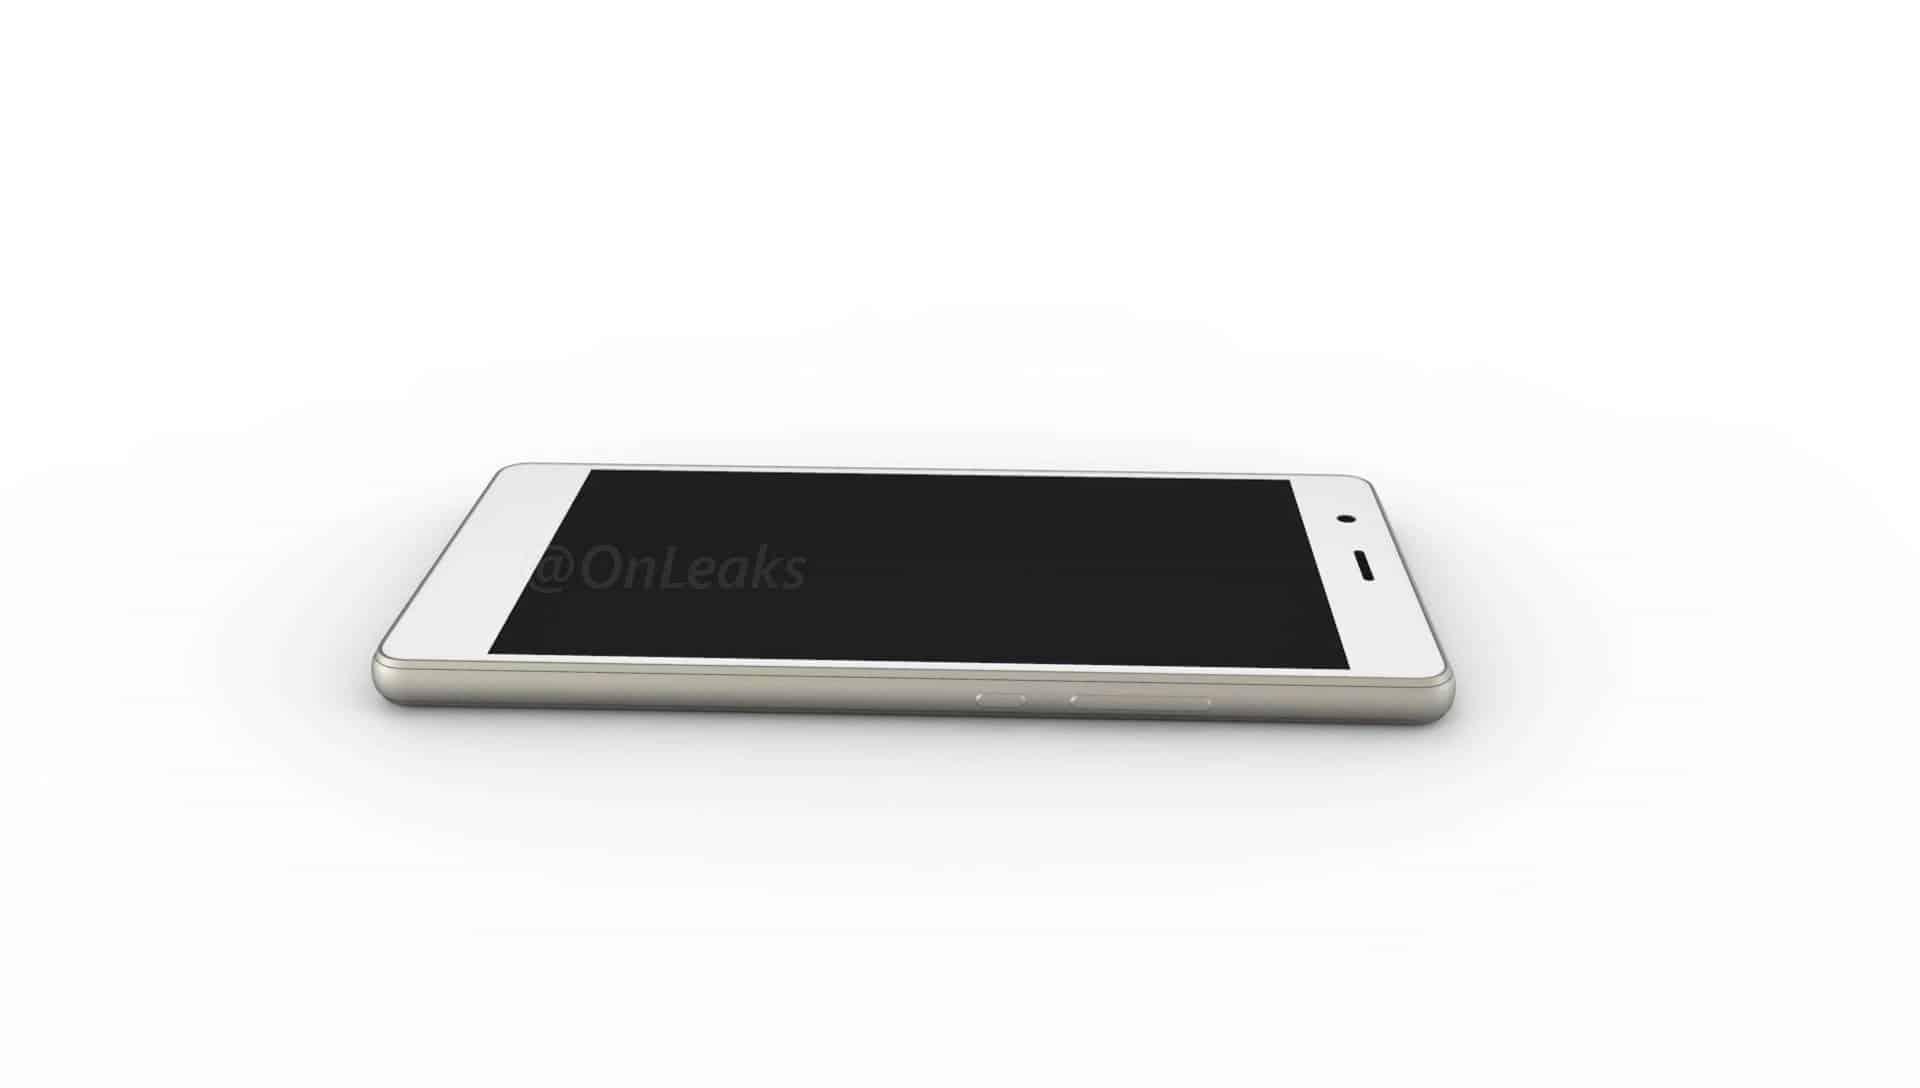 Huawei P9 Lite leaked render 5